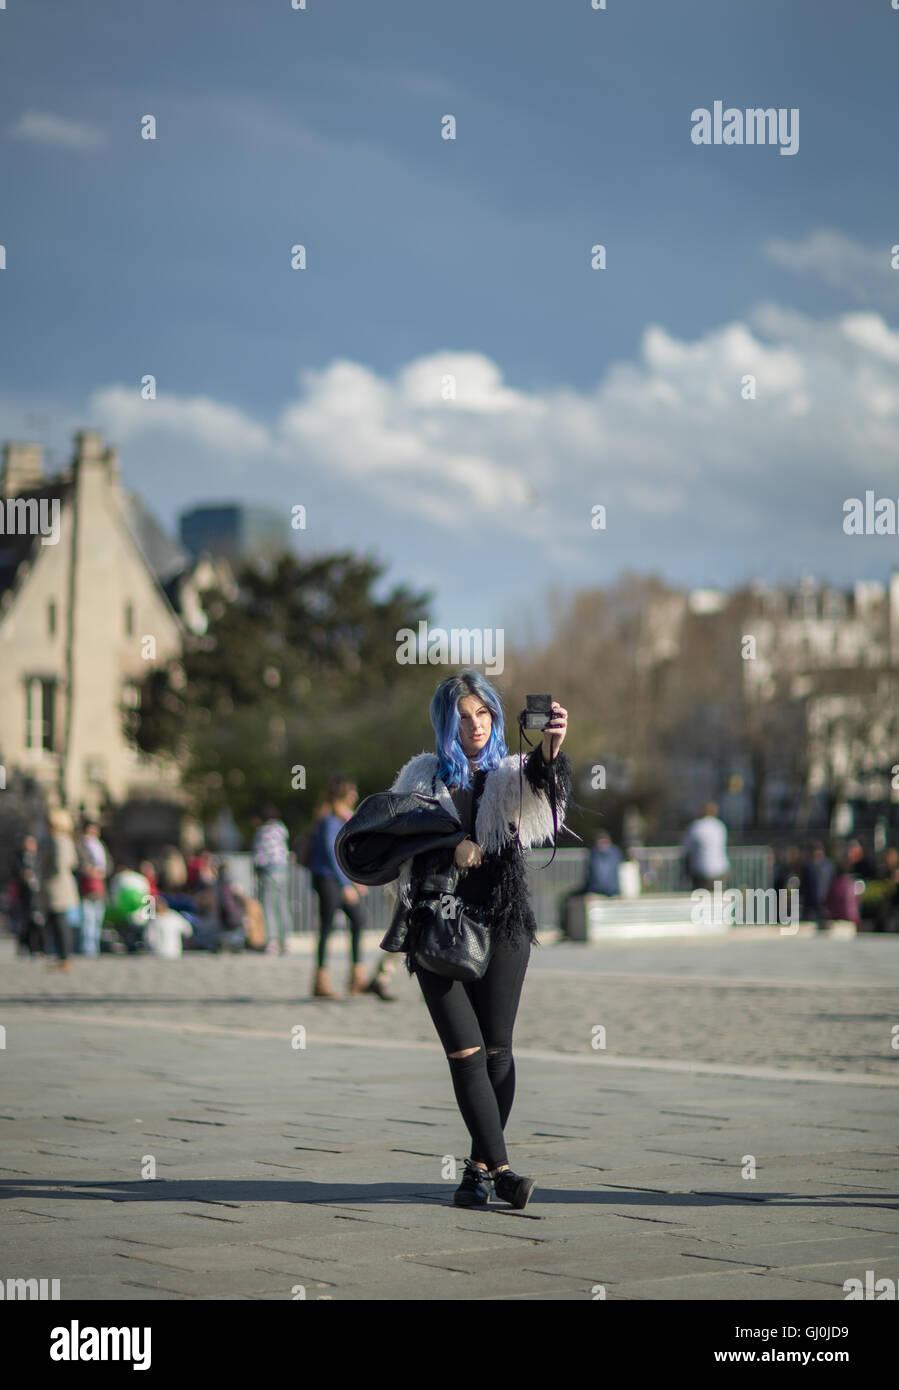 a tourist taking selfies in front of Cathedrale Notre Dame, Île de la Cité, Paris, France - Stock Image